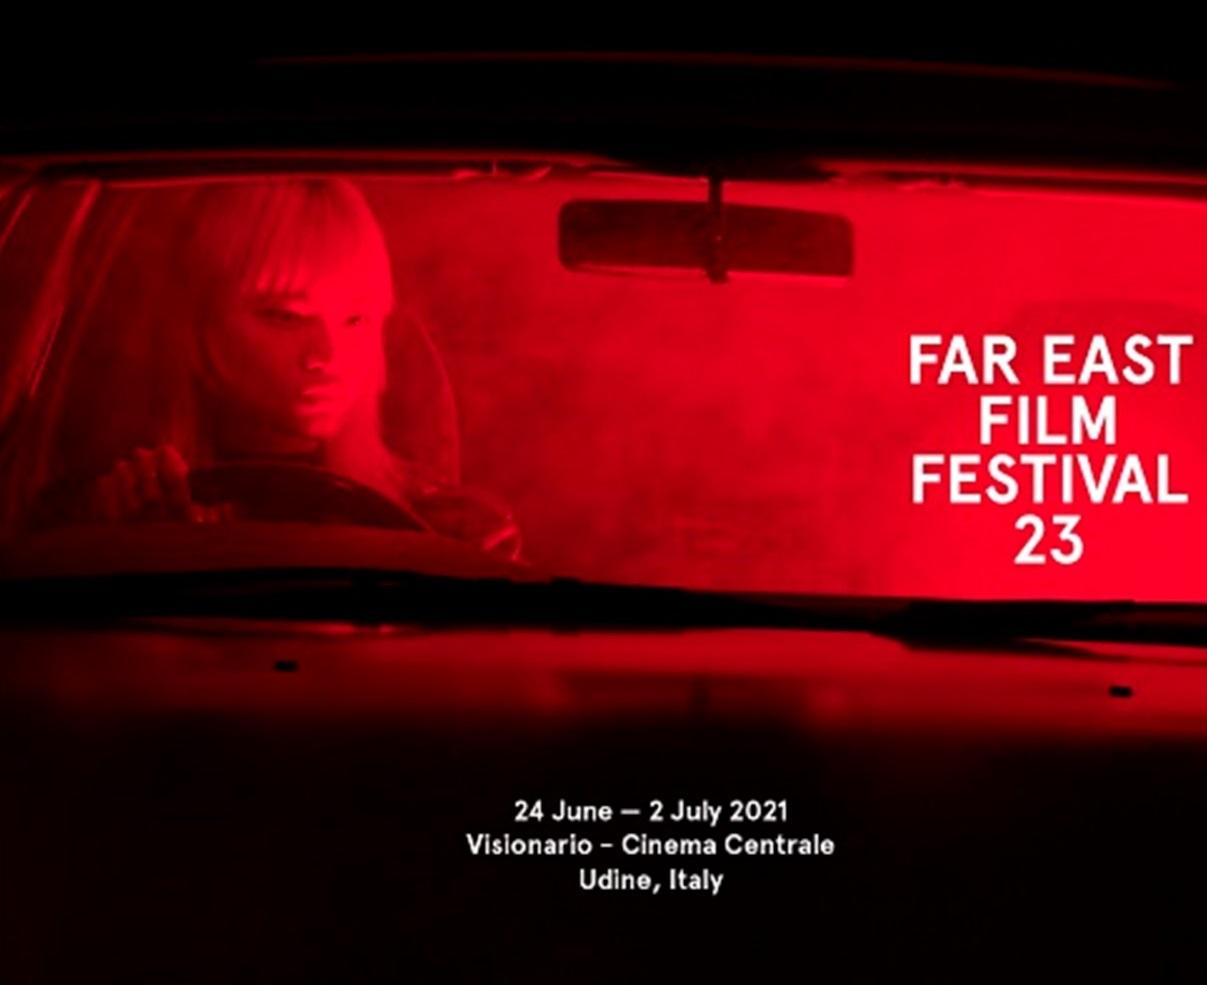 Far East Film Festival – Media Partner